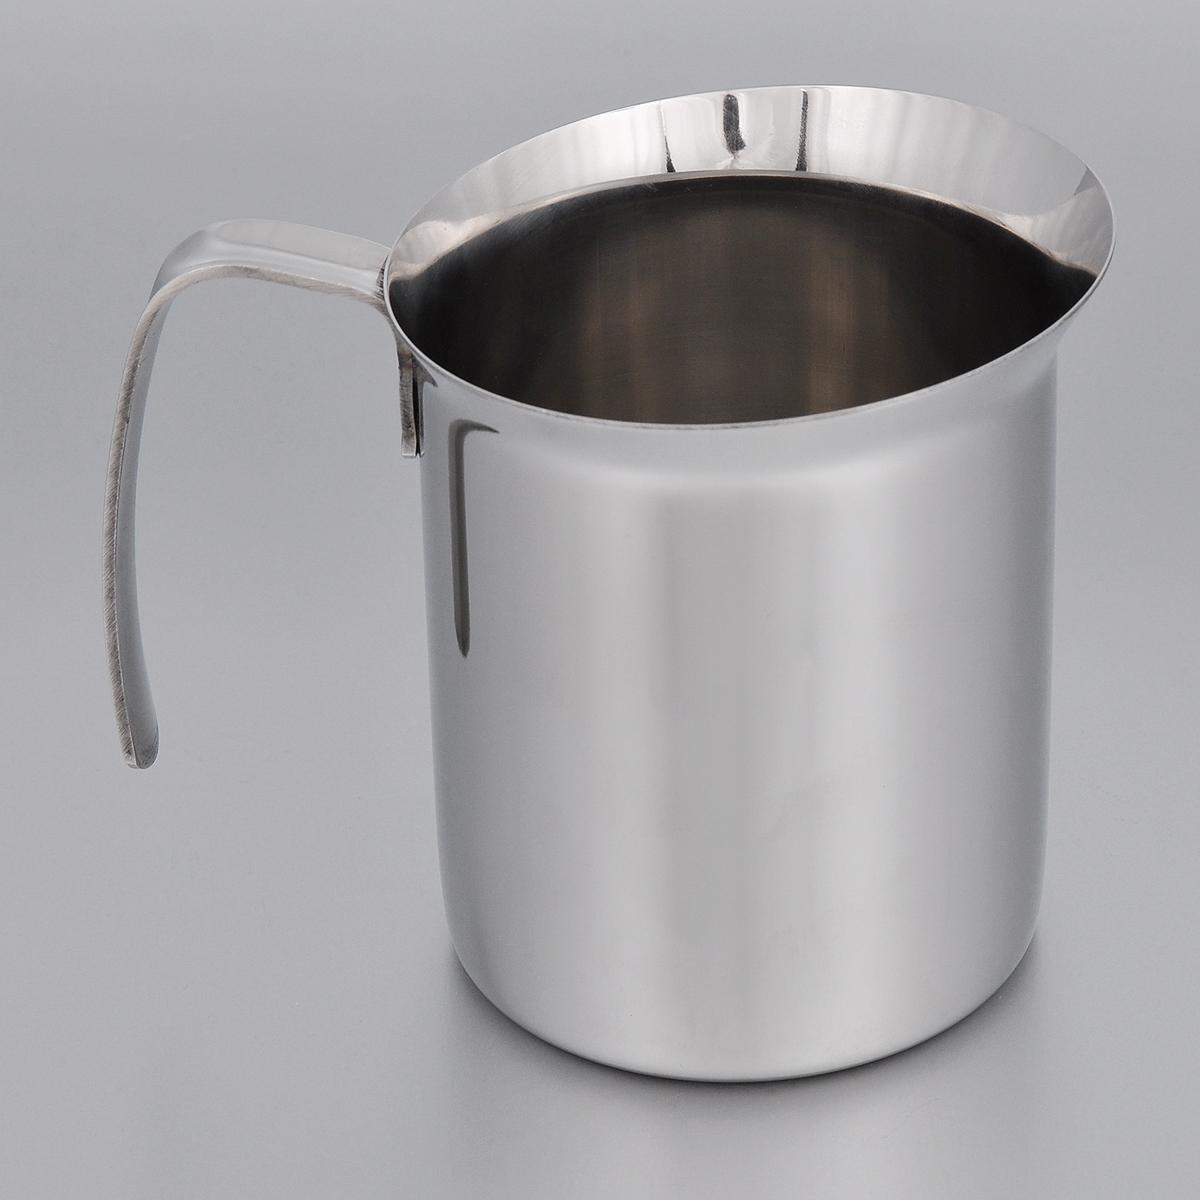 Кружка для взбивания молока Bialetti Elegance, 750 мл40970Кружка для взбивания молока Bialetti Elegance изготовлена из высококачественной нержавеющей стали. Изделие оснащено ручкой и специальным носиком для удобного выливания жидкости. Зеркальная полировка придает посуде эстетичный вид.Можно использовать на газовых, электрических и стеклокерамических плитах.Объем: 750 мл. Диаметр по верхнему краю: 11 см.Диаметр дна: 9 см. Высота стенки: 11,3 см.